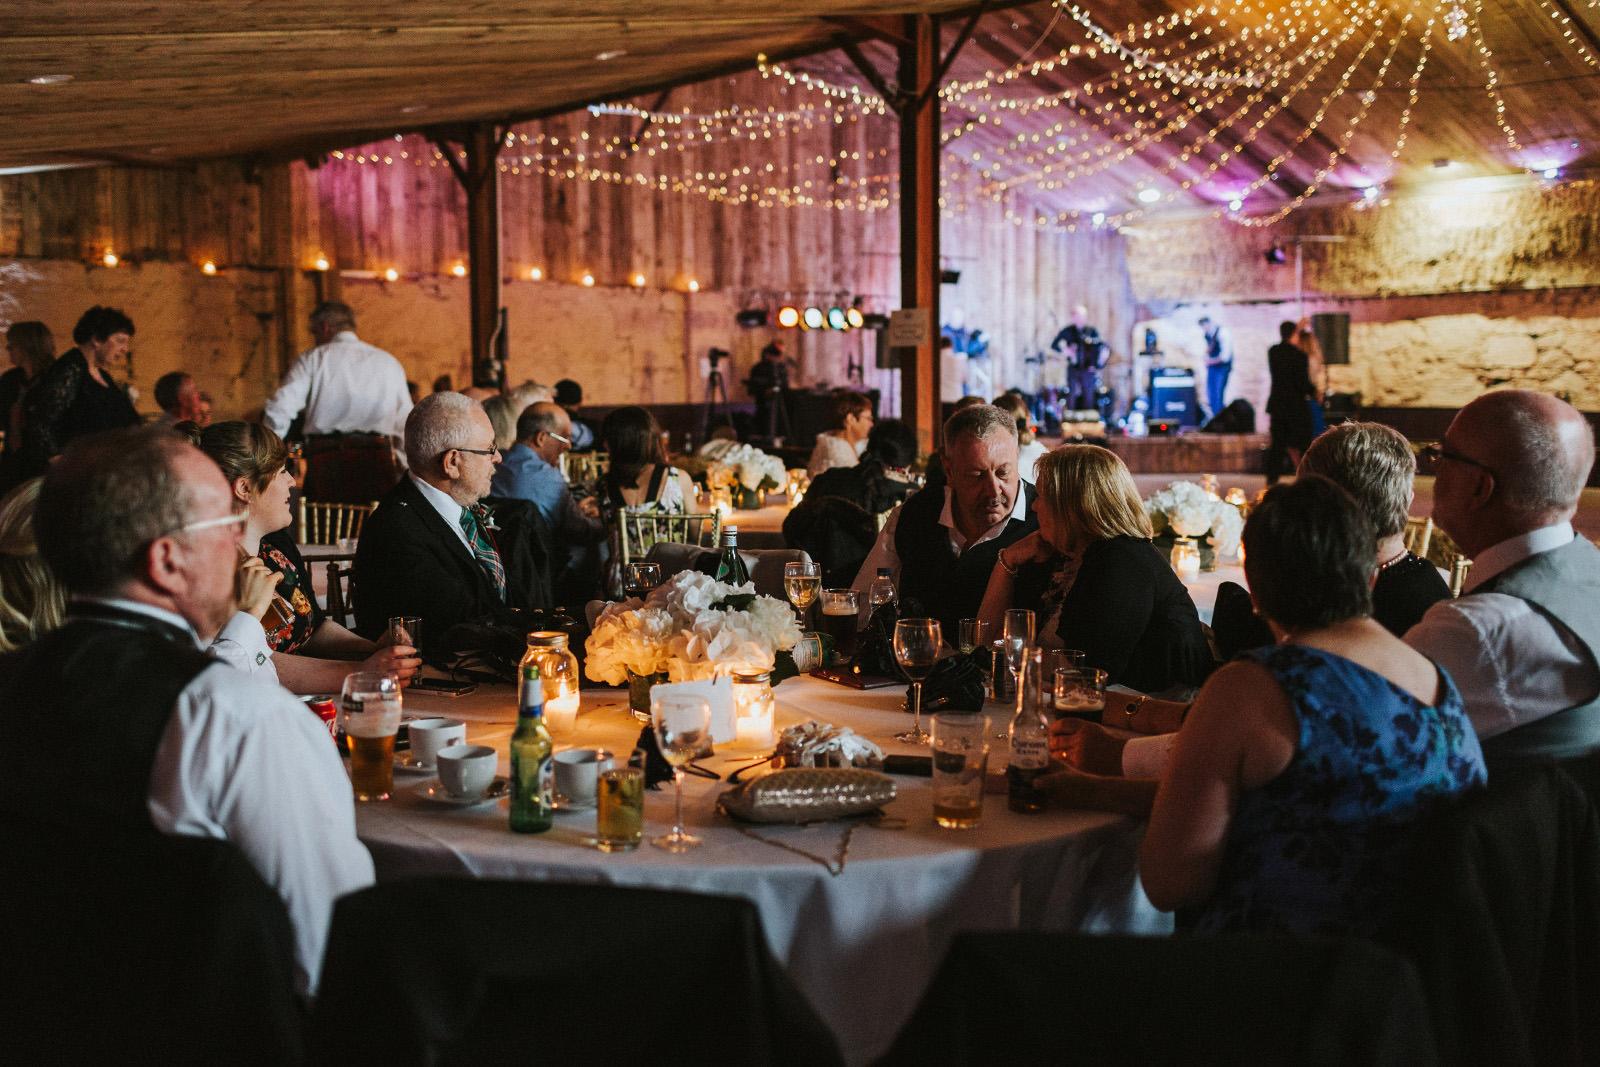 scottish wedding dinning